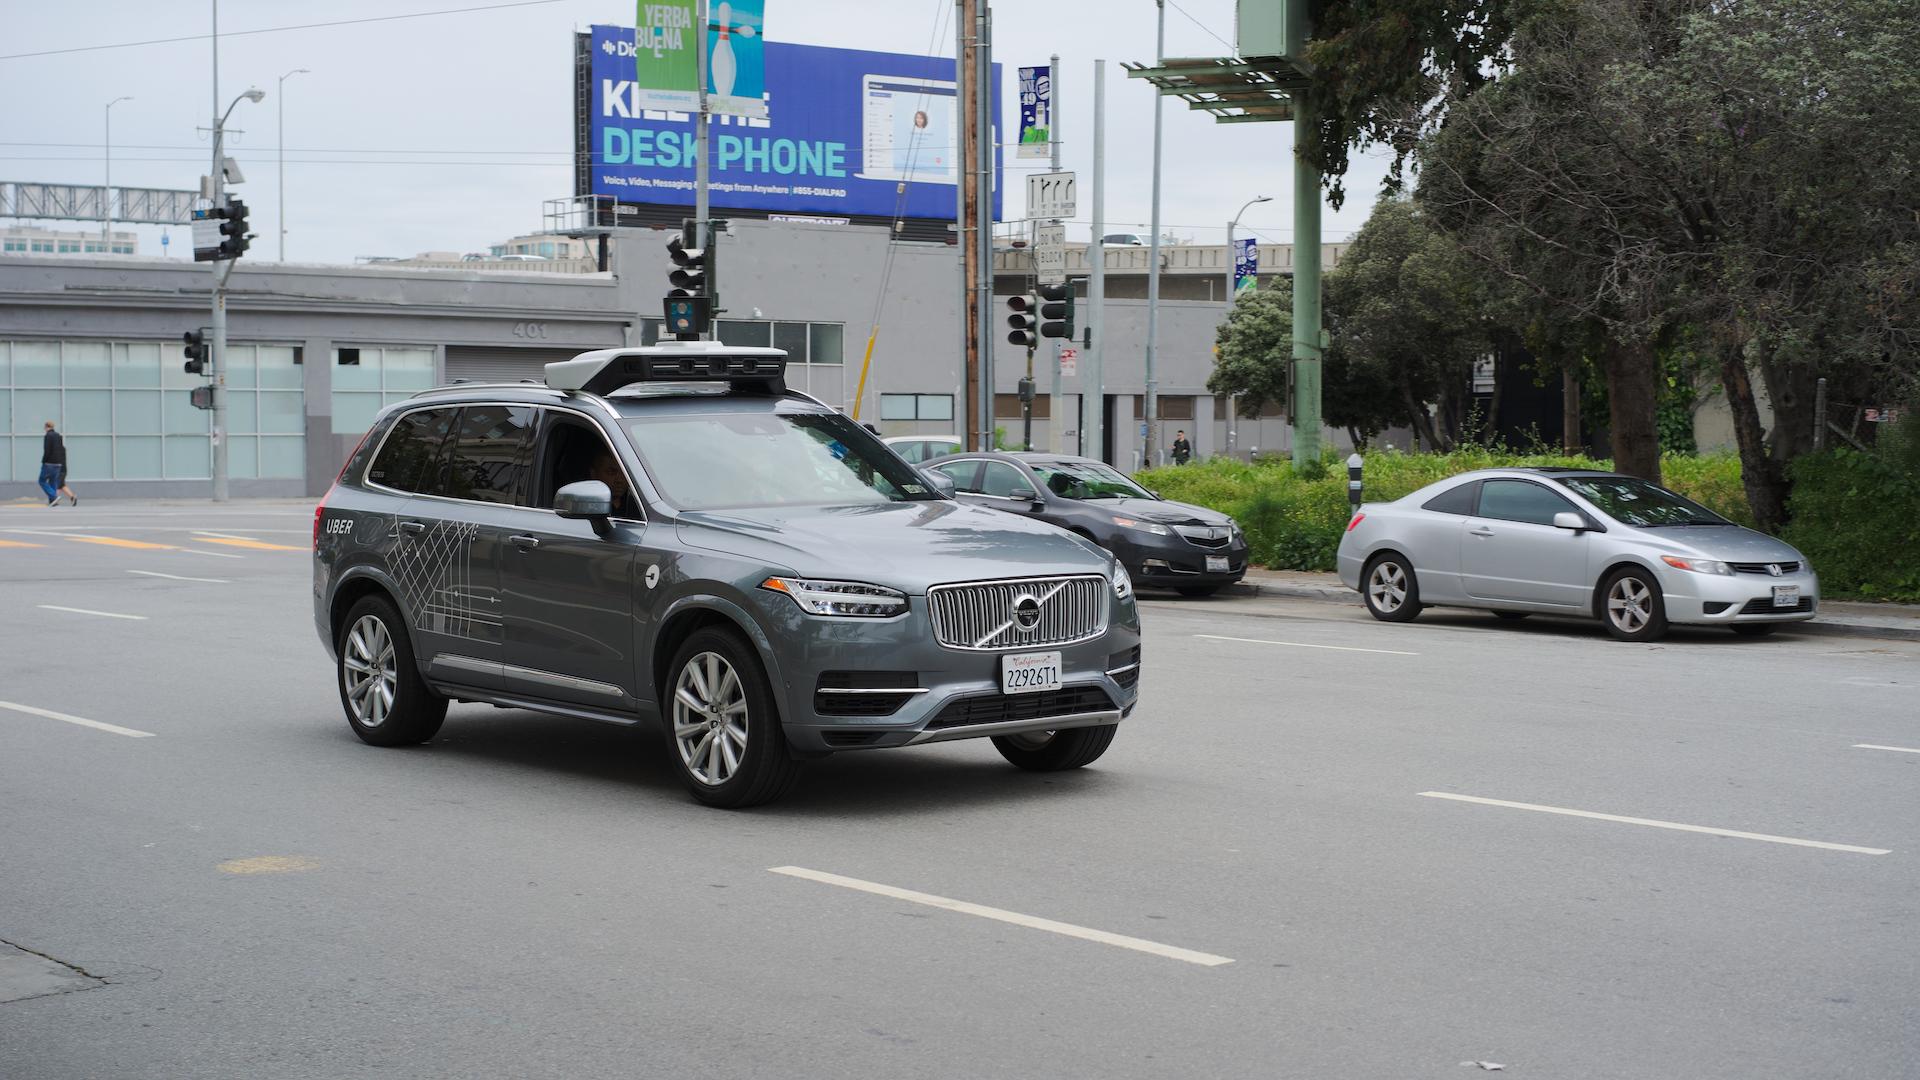 Après plusieurs désastres, Uber met un « stop » à la conduite autonome